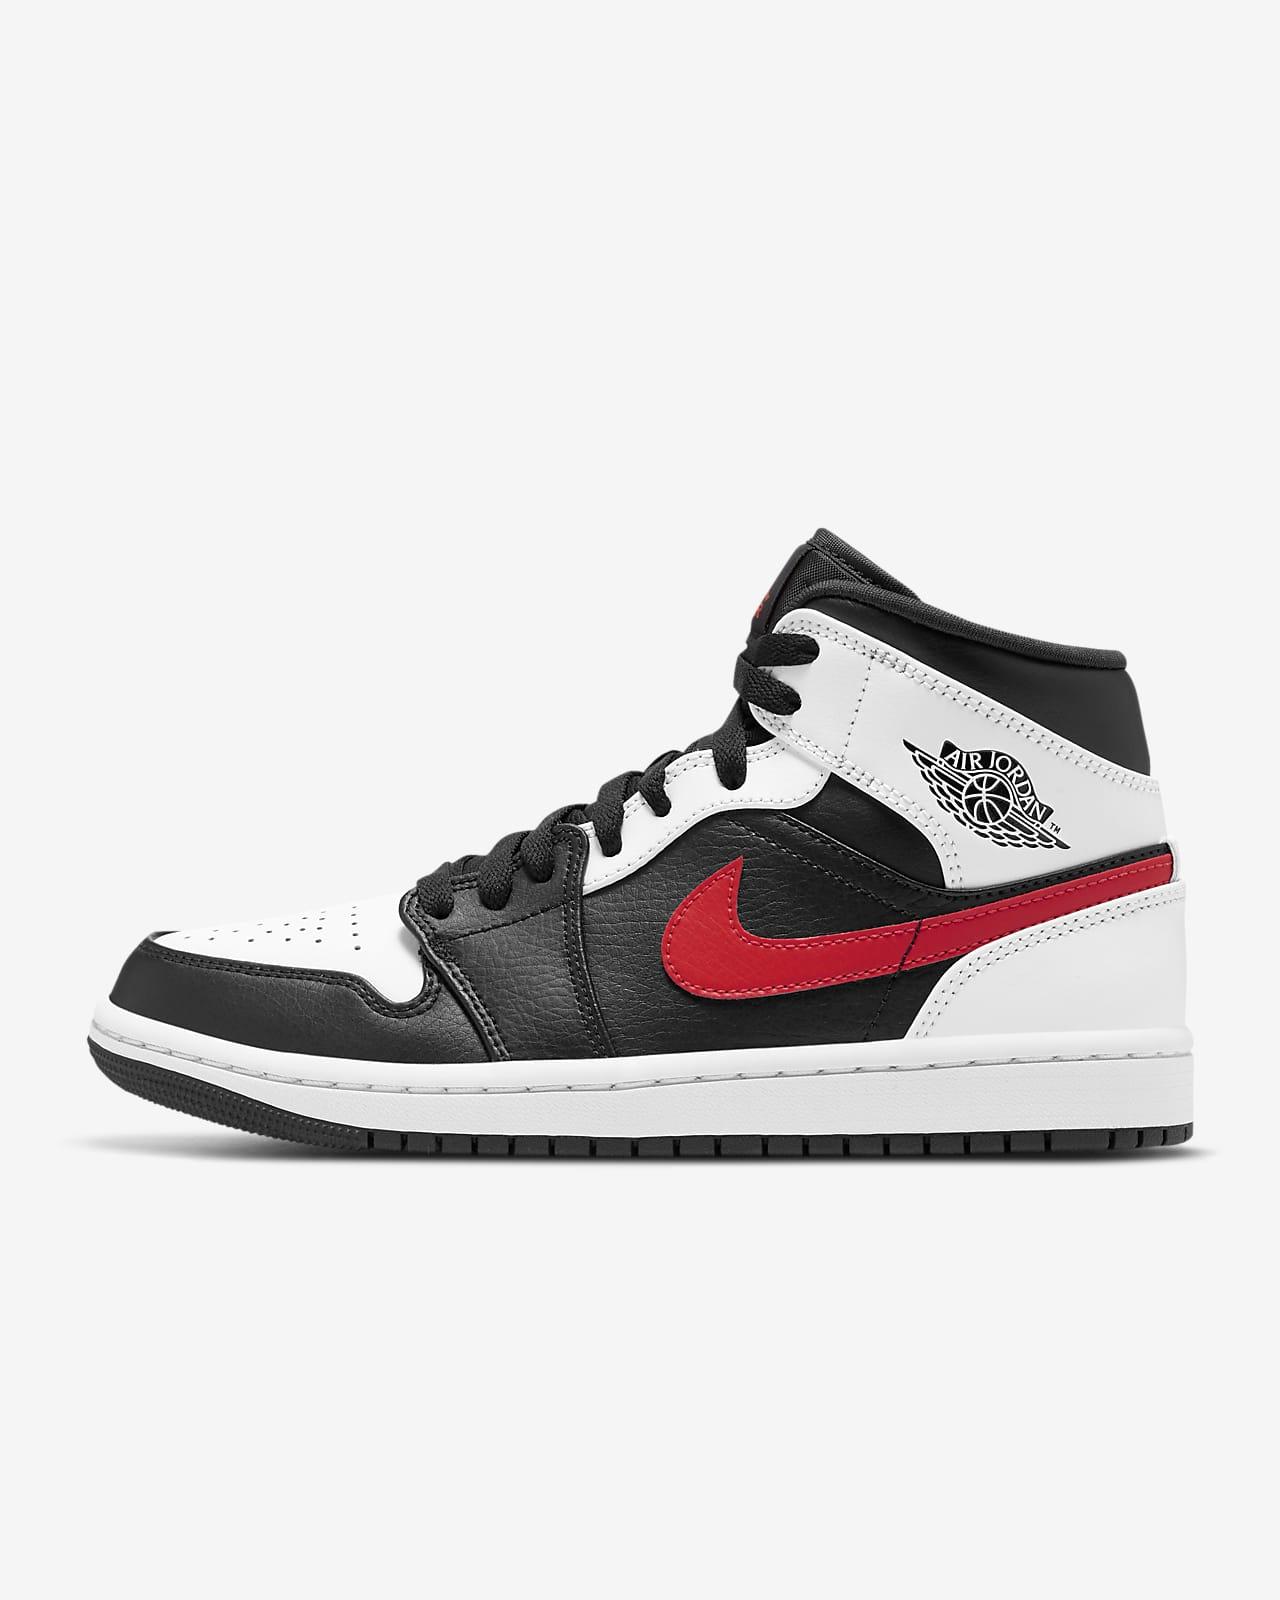 Air Jordan 1 Mid 男子运动鞋